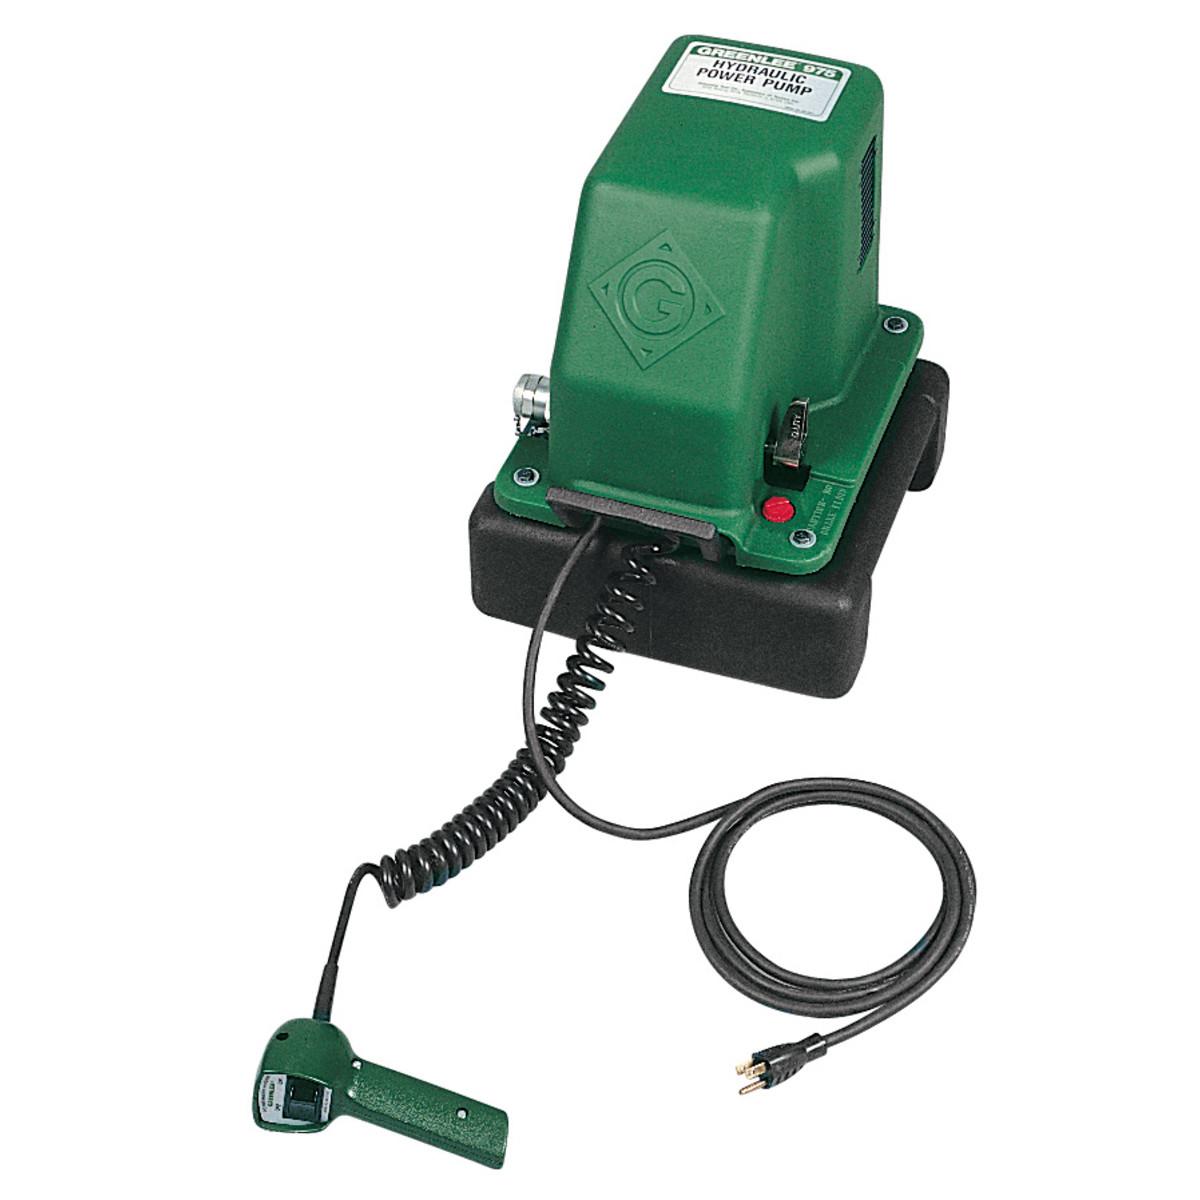 Greenlee 975 Pump Hyd Power (975)